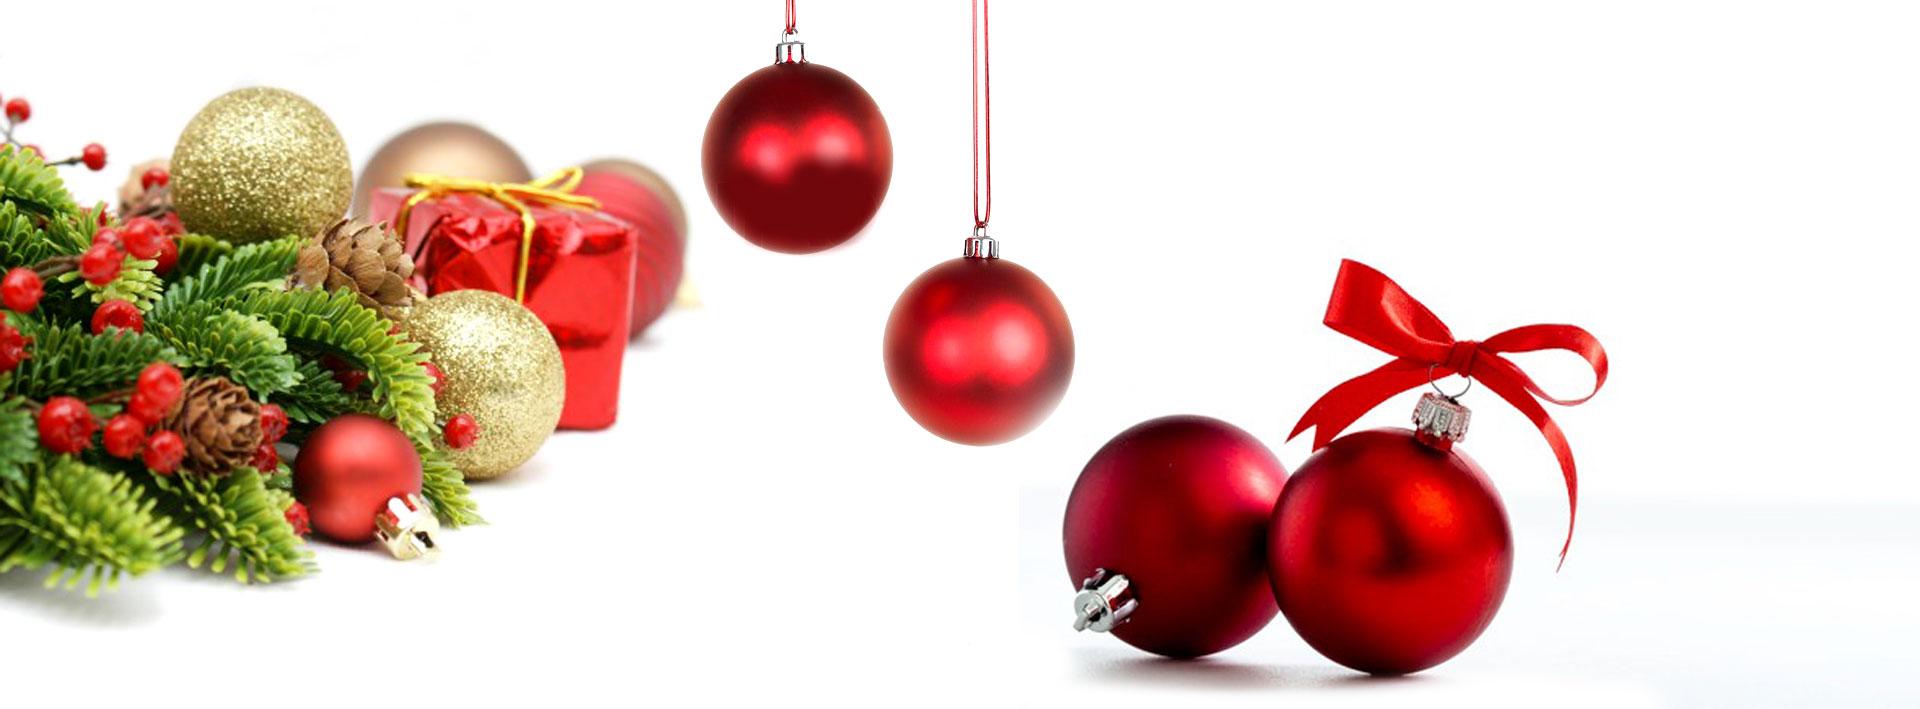 christmas 666 - تزئینات کریسمس